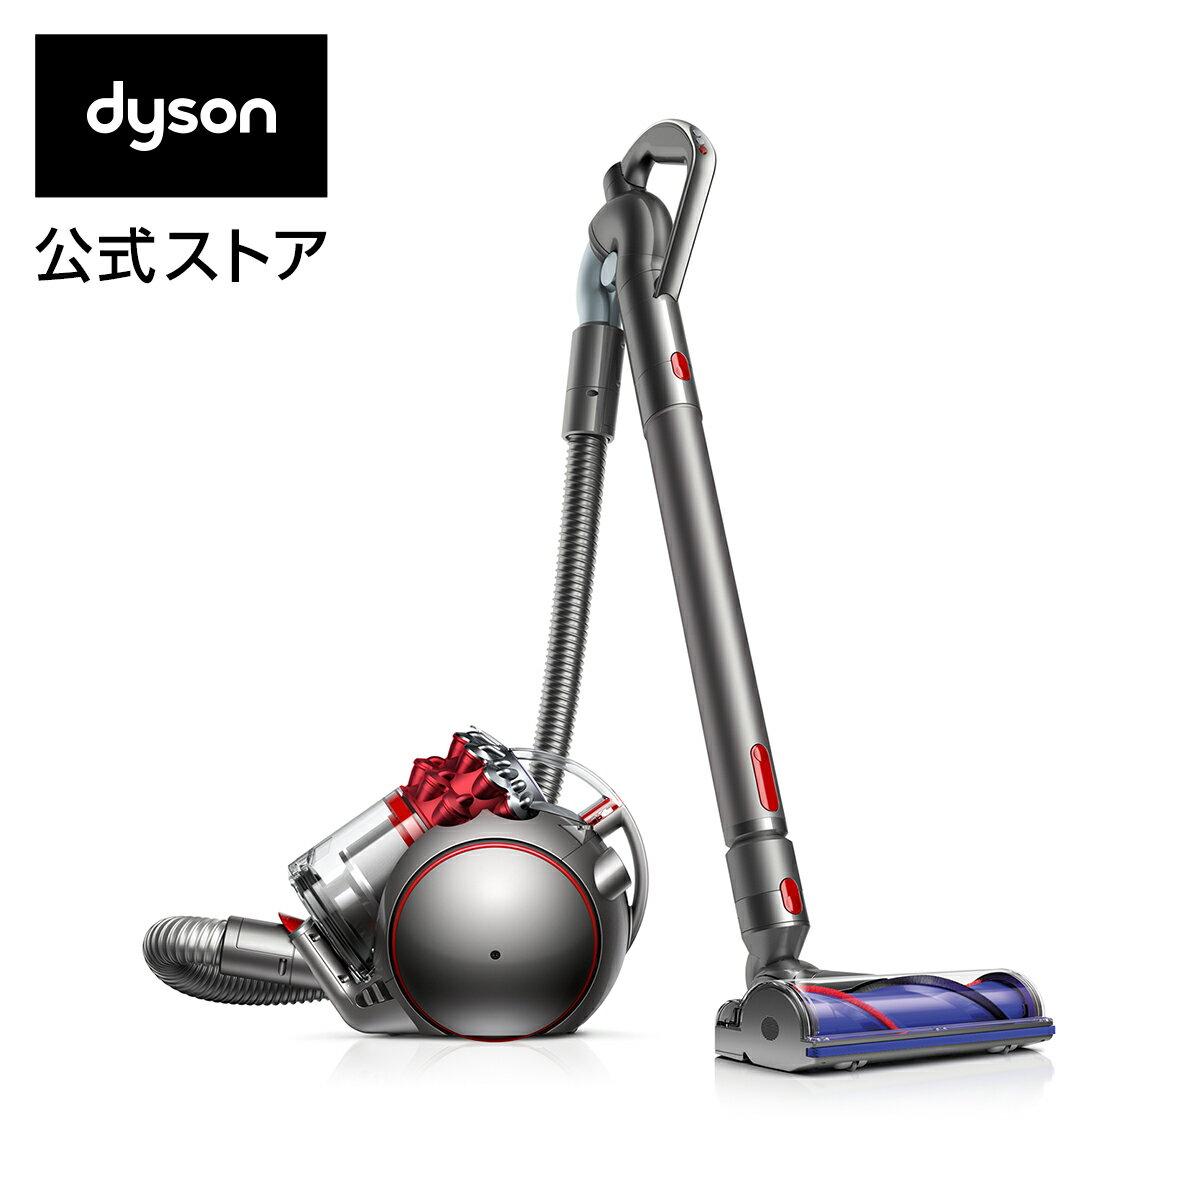 Dyson(ダイソン)『V4DigitalAbsolute(CY29ABL)』